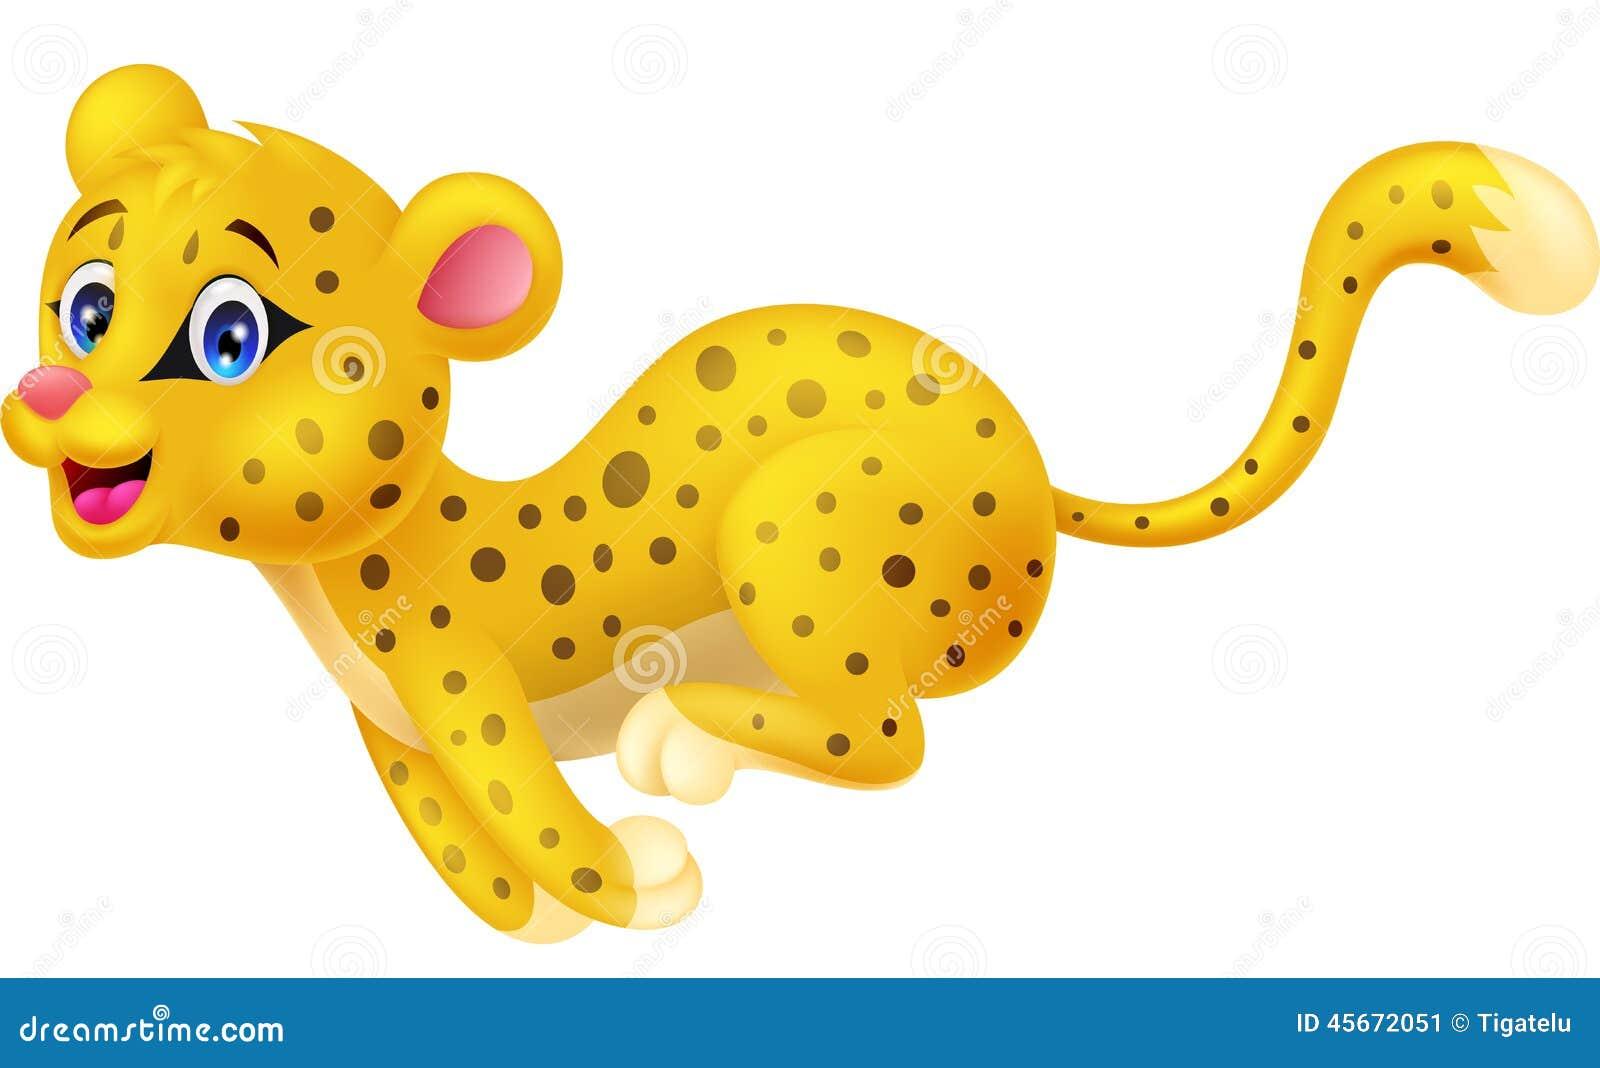 Cheetah cartoon running stock vector. Illustration of ...